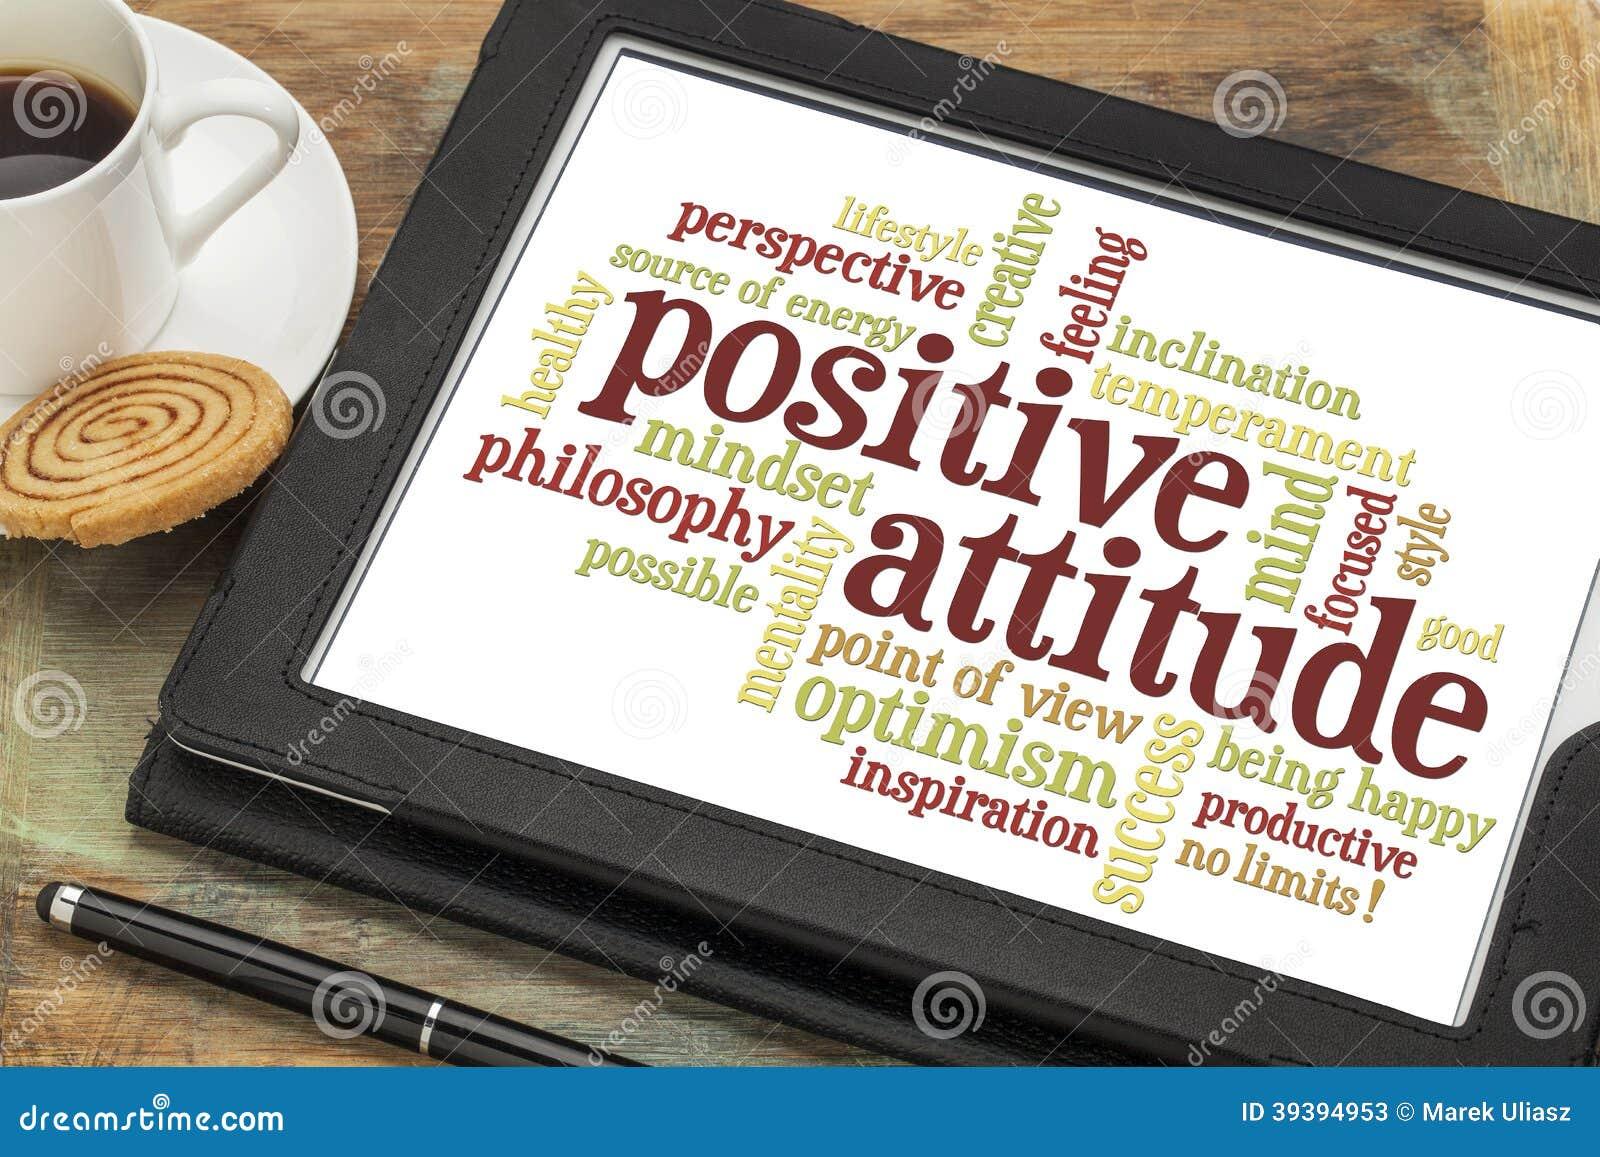 Pozytywna postawa lub mindset